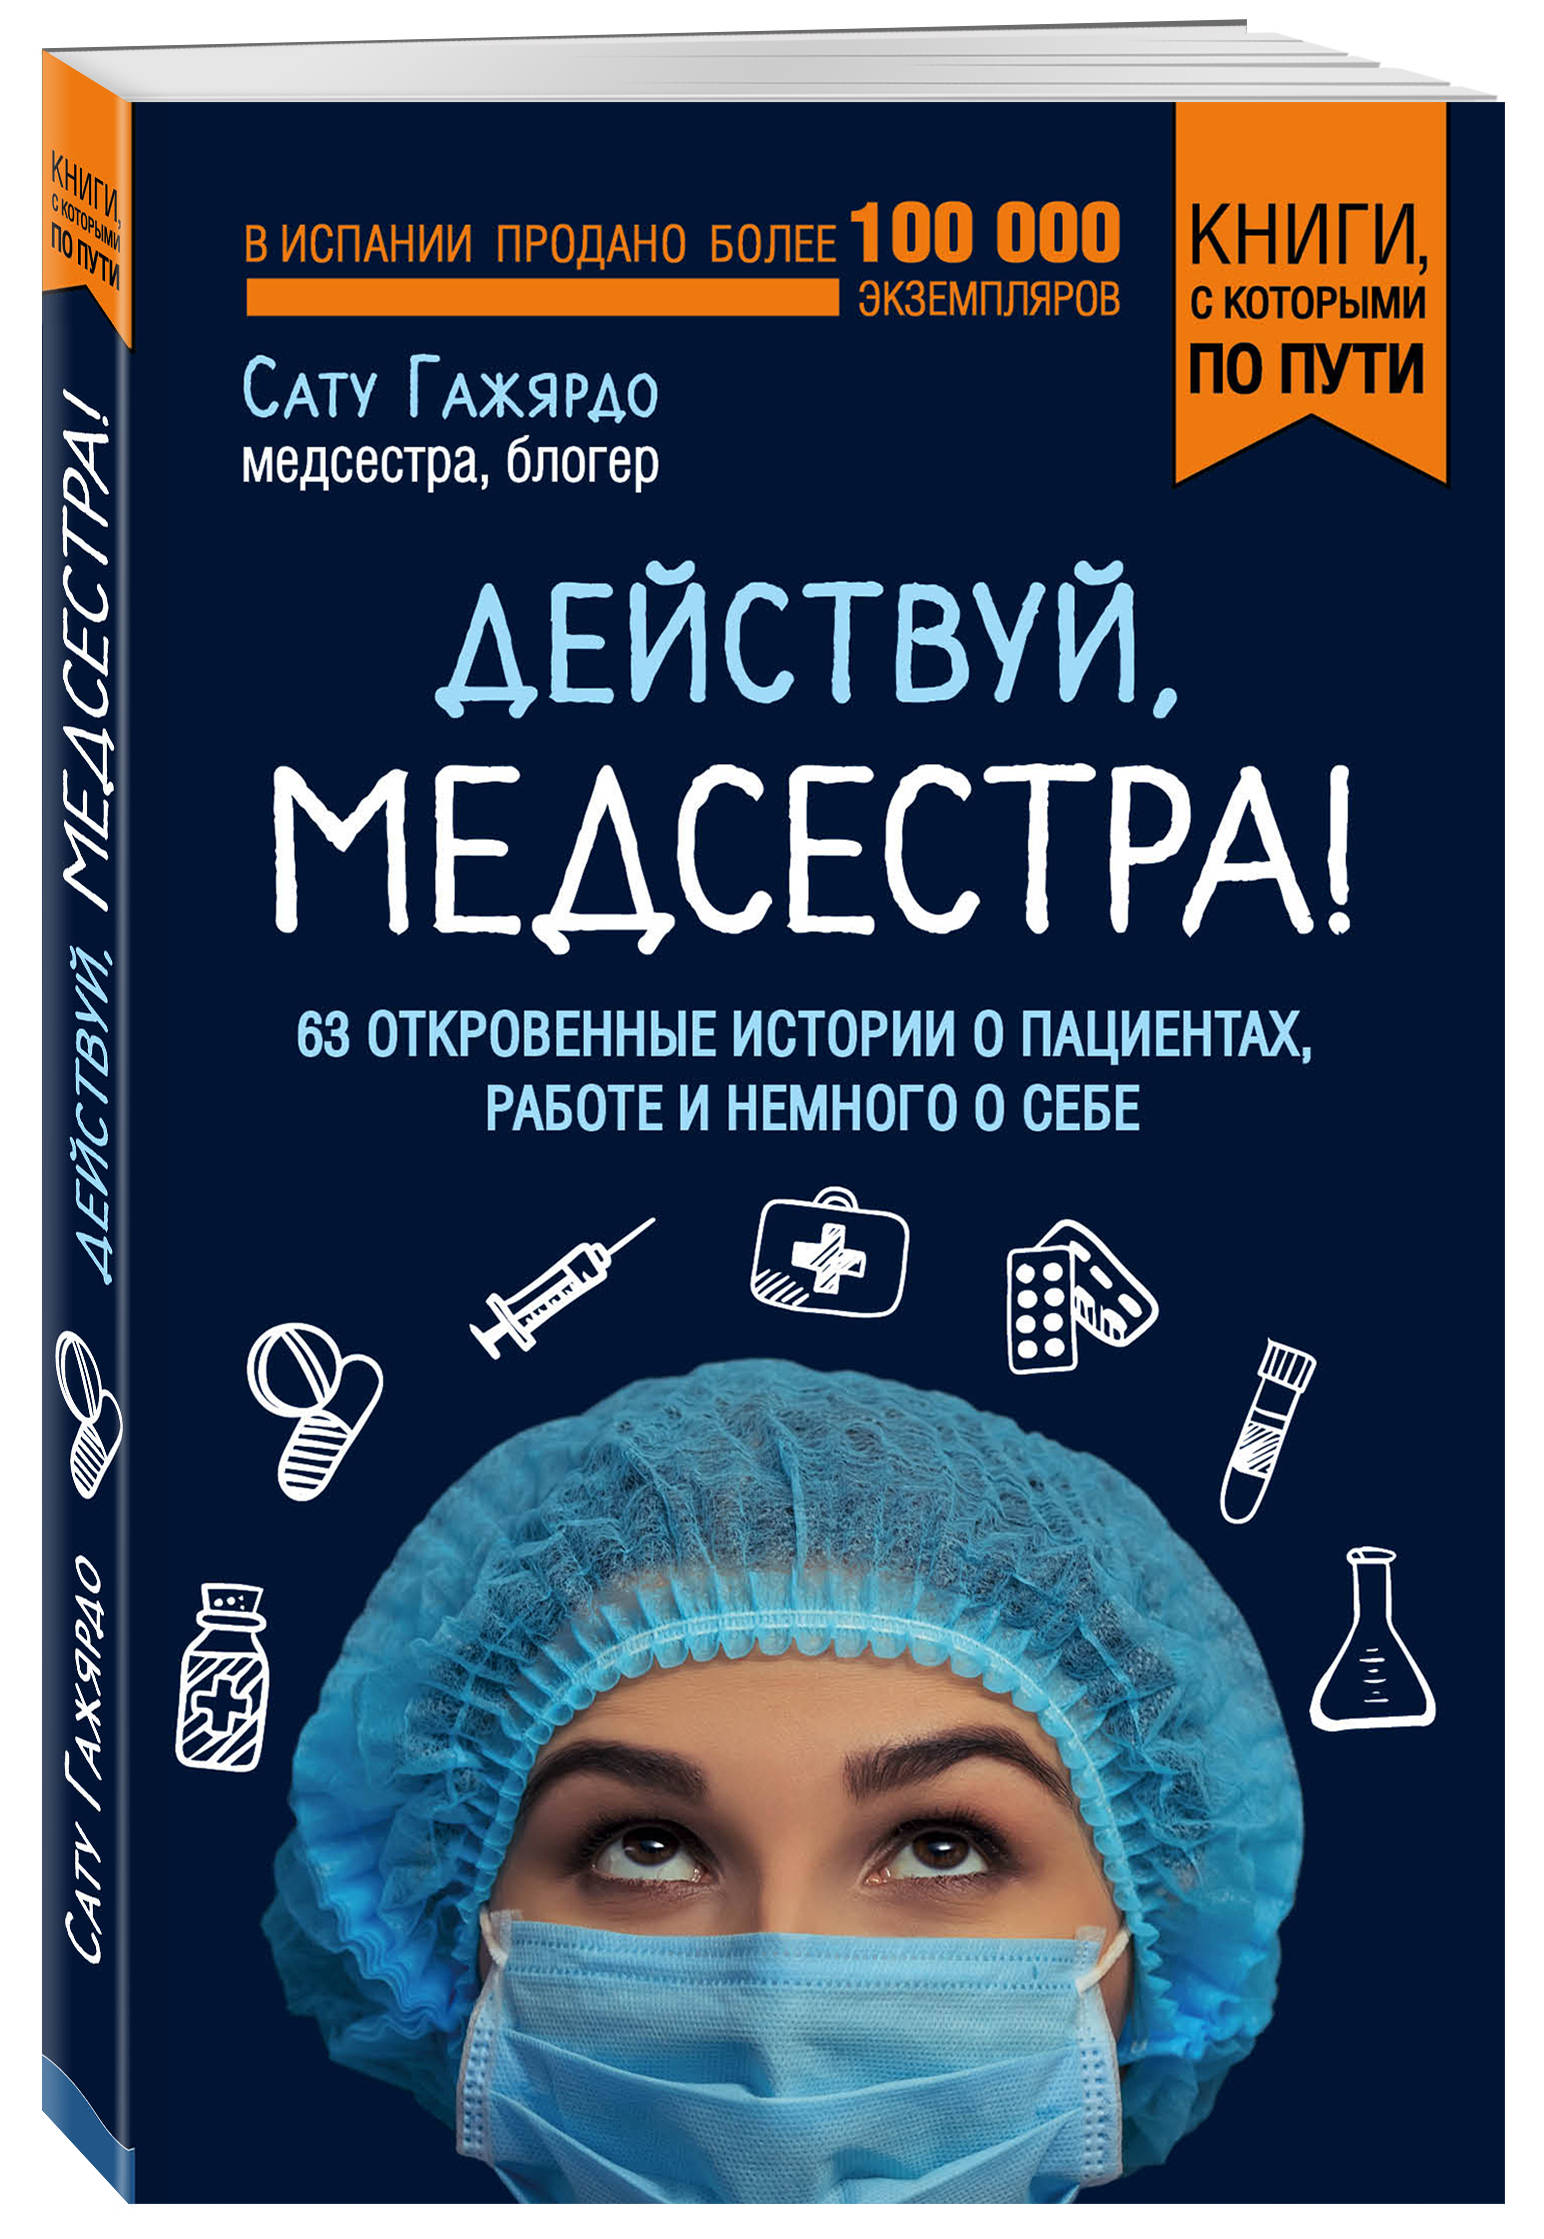 Действуй, медсестра! 63 откровенные истории о пациентах, работе и немного о себе ( Сату Гажярдо  )